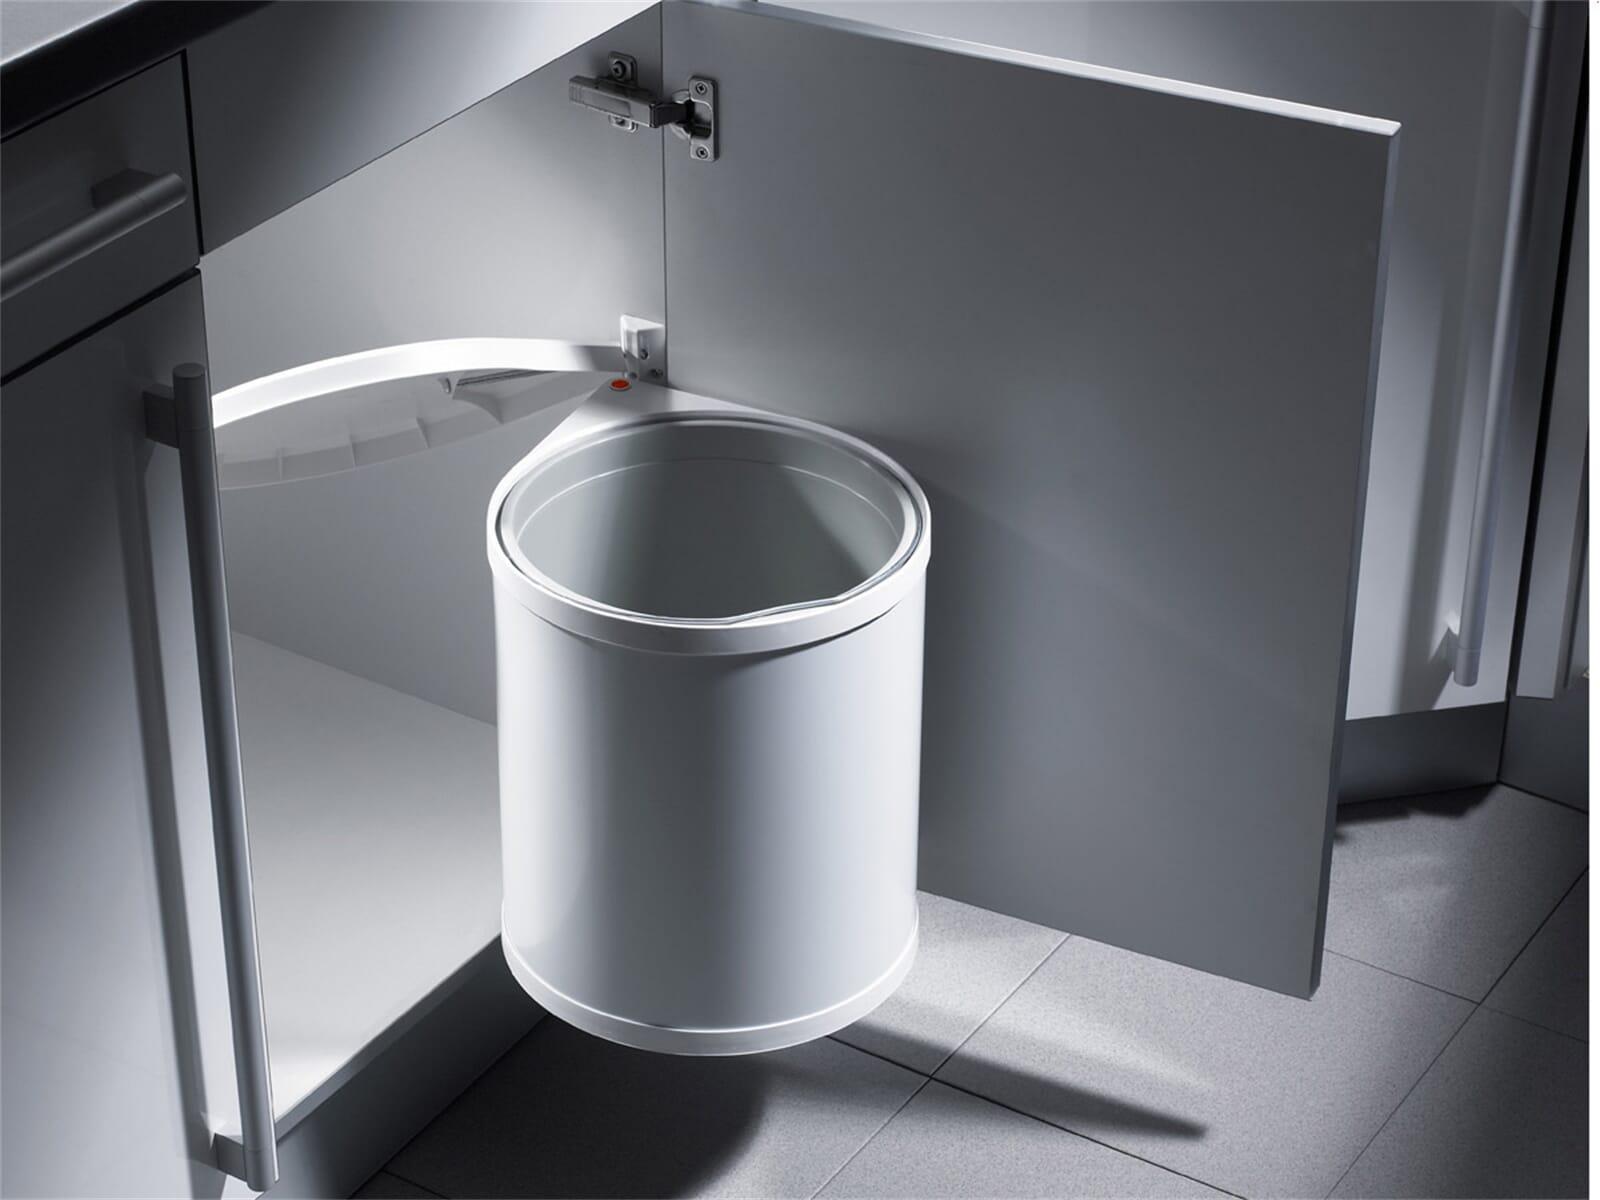 hailo mono 3515 001 einbau abfallsammler wei. Black Bedroom Furniture Sets. Home Design Ideas